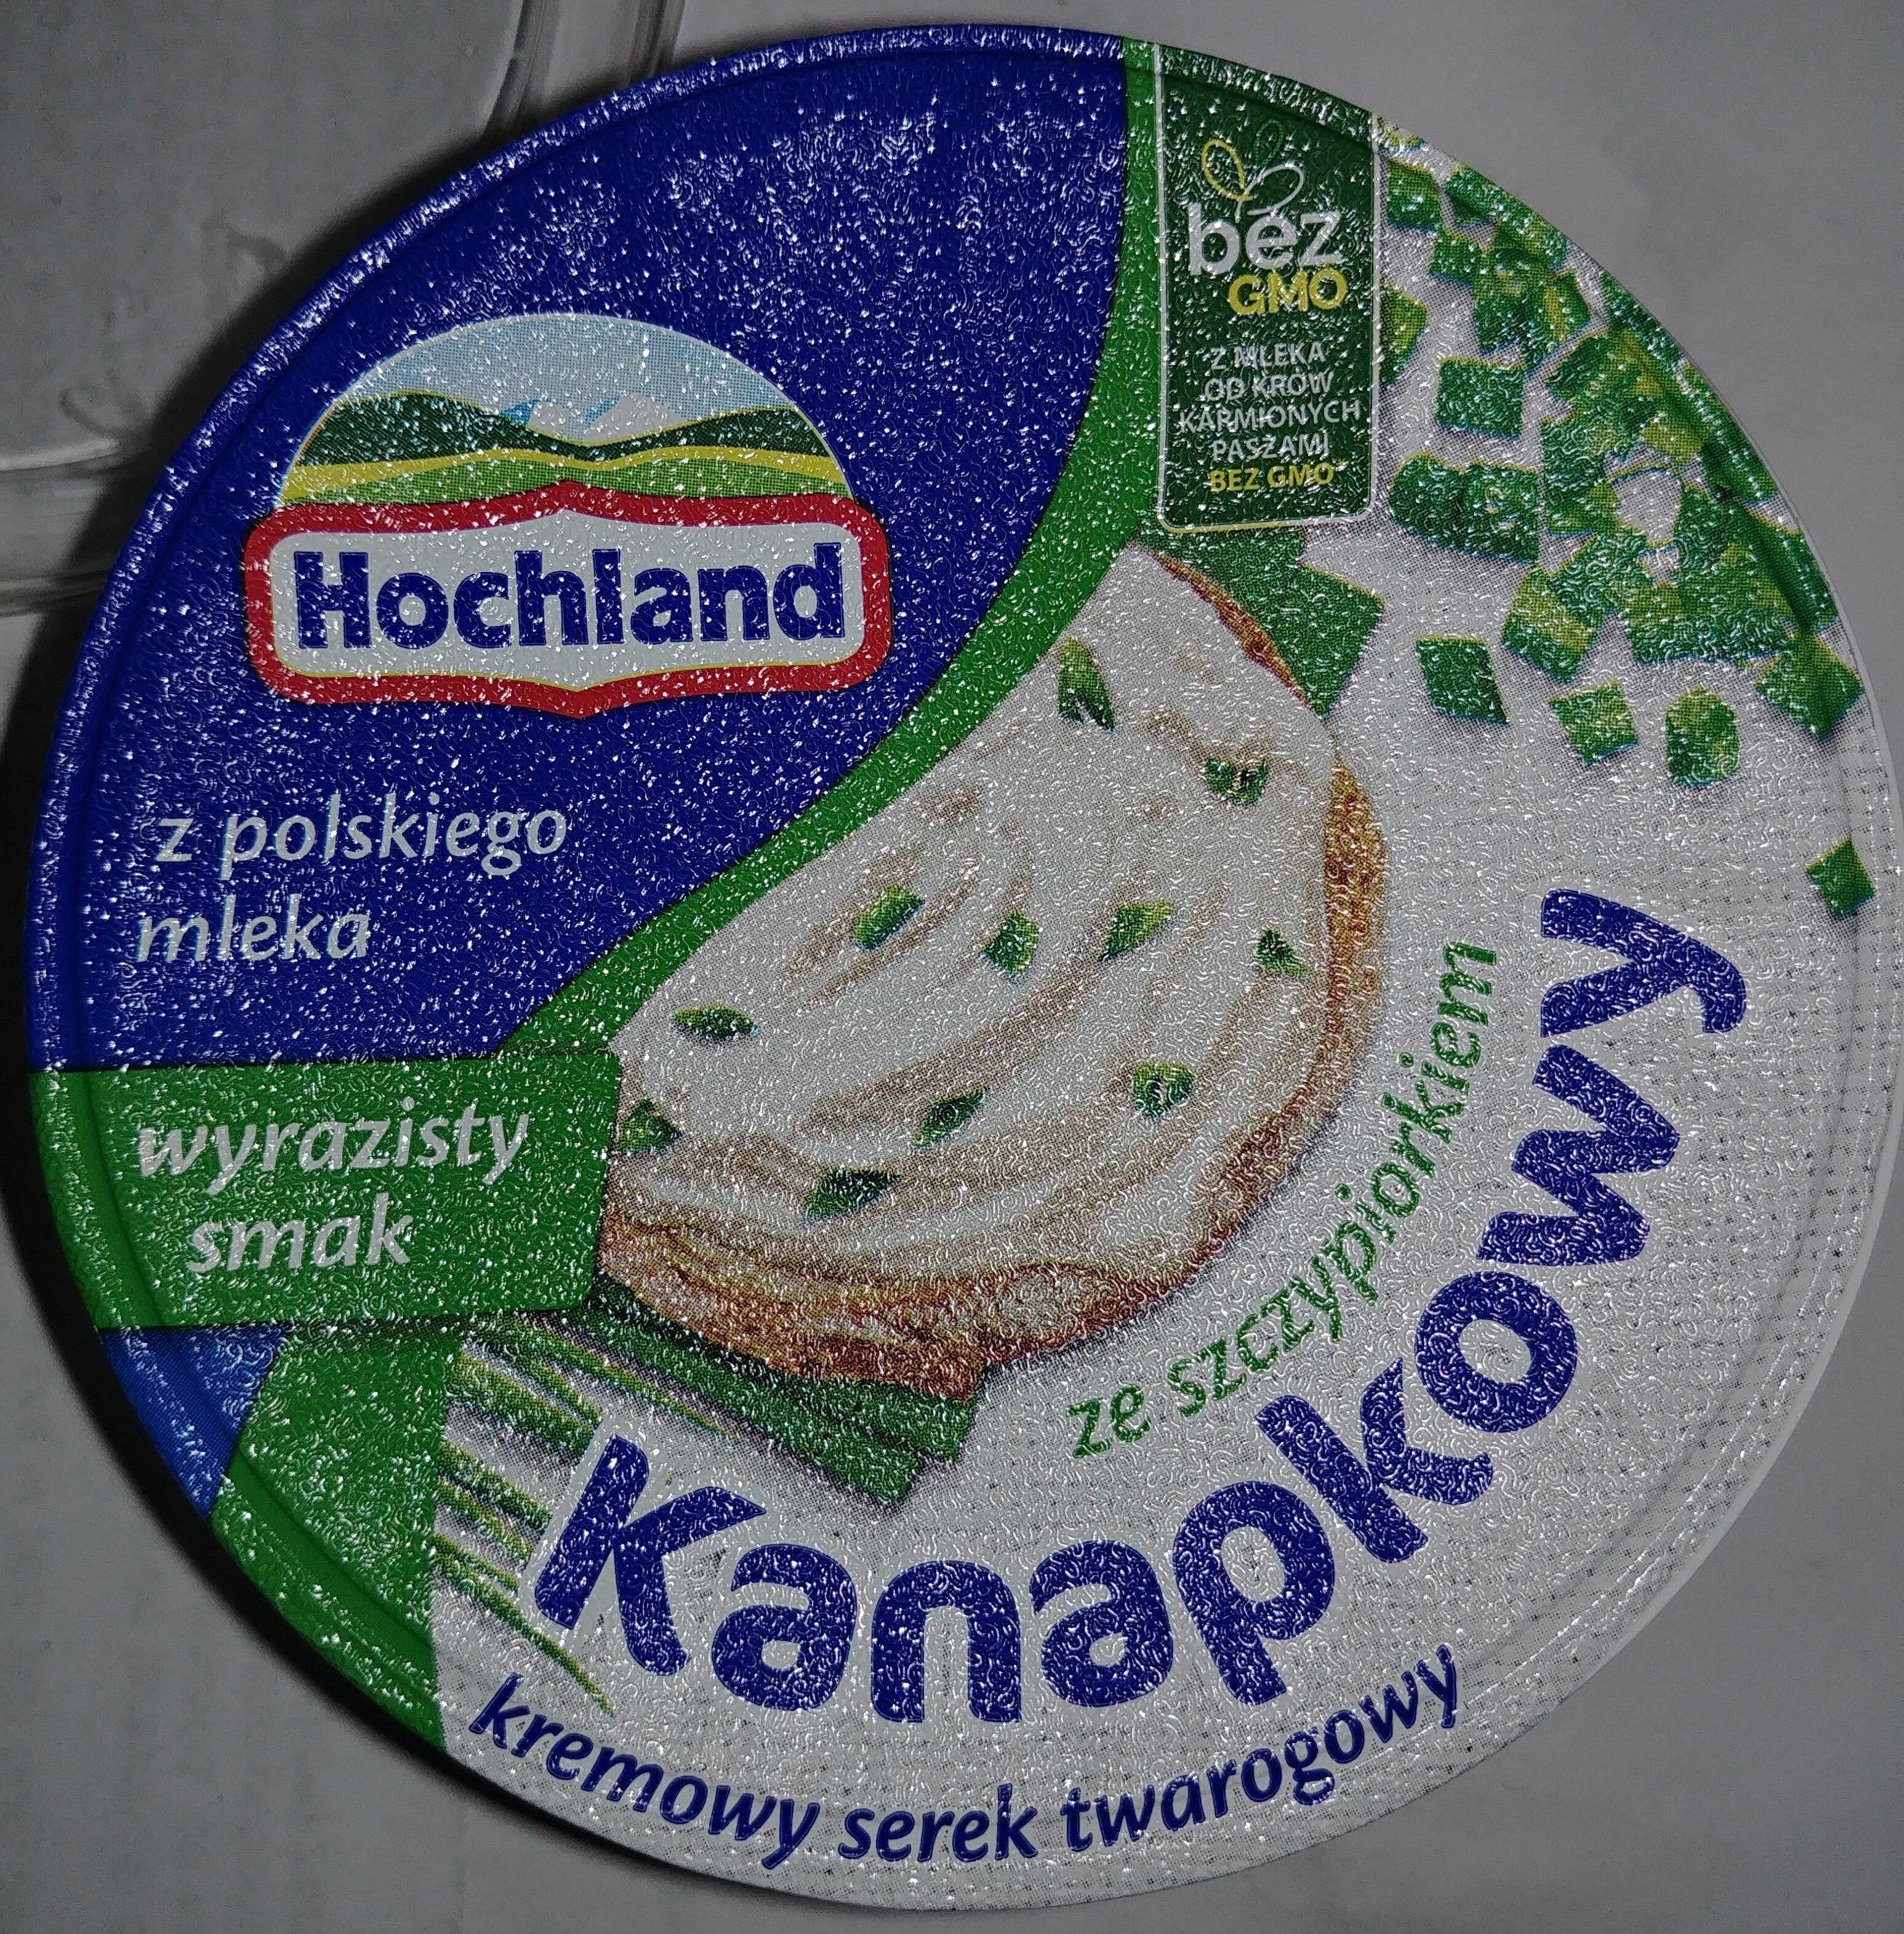 Kremowy serek twarogowy kanapkowy ze szczypiorkiem - Produkt - pl